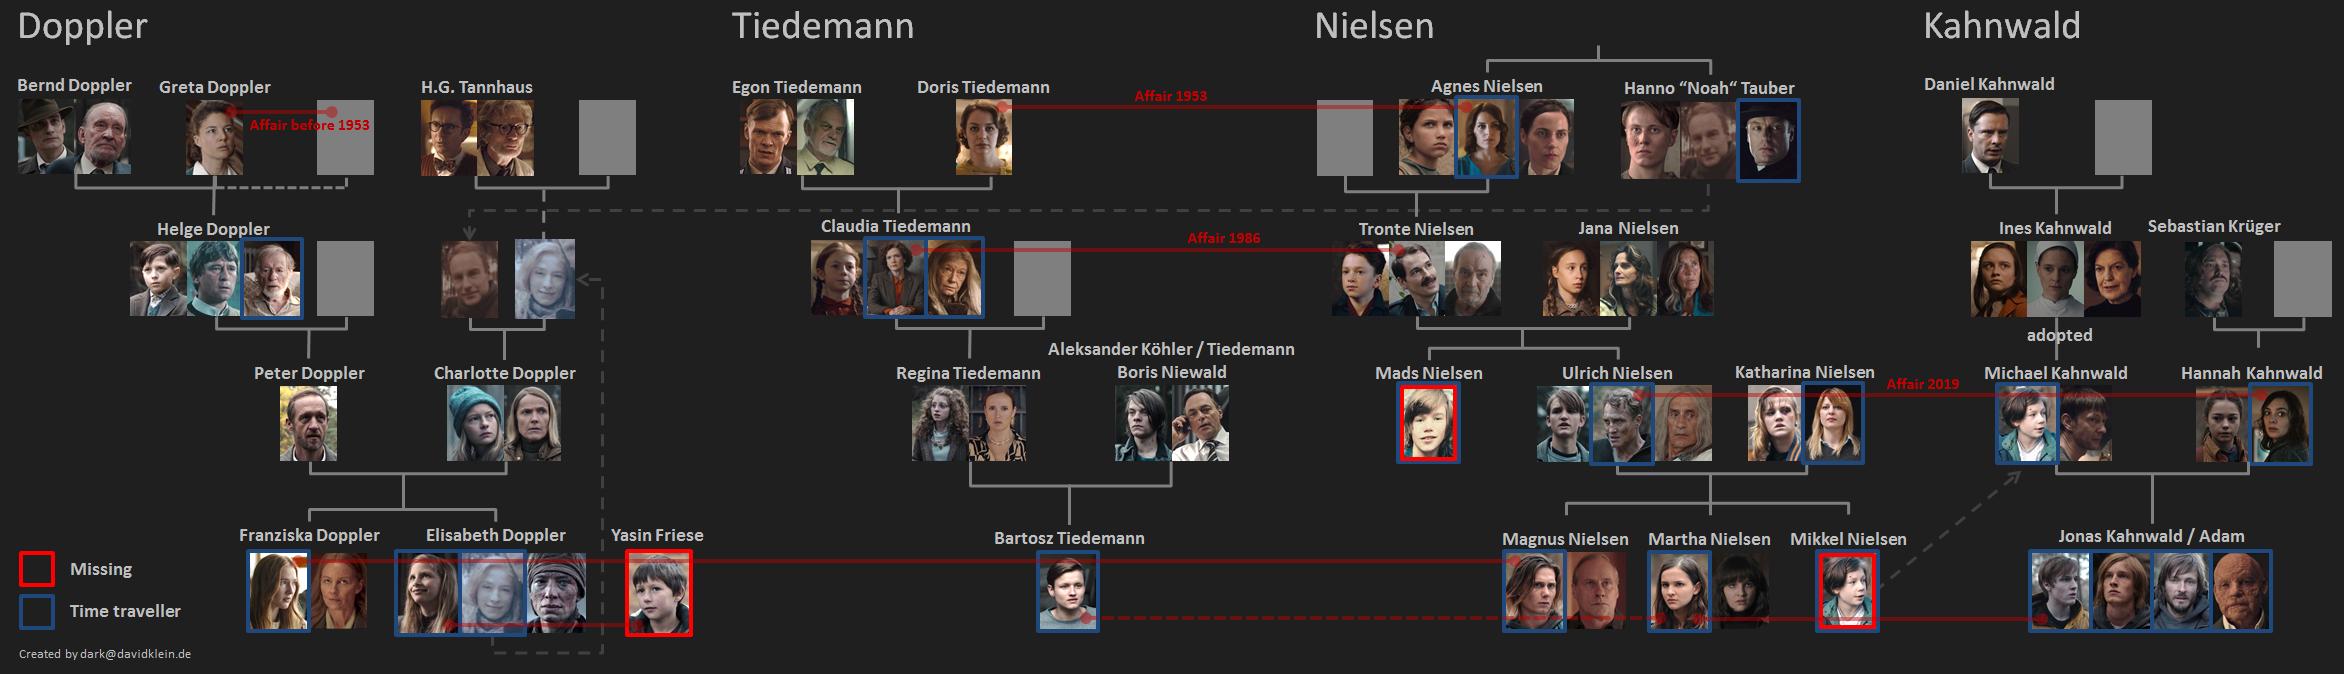 Stammbaum Dark Staffel 3